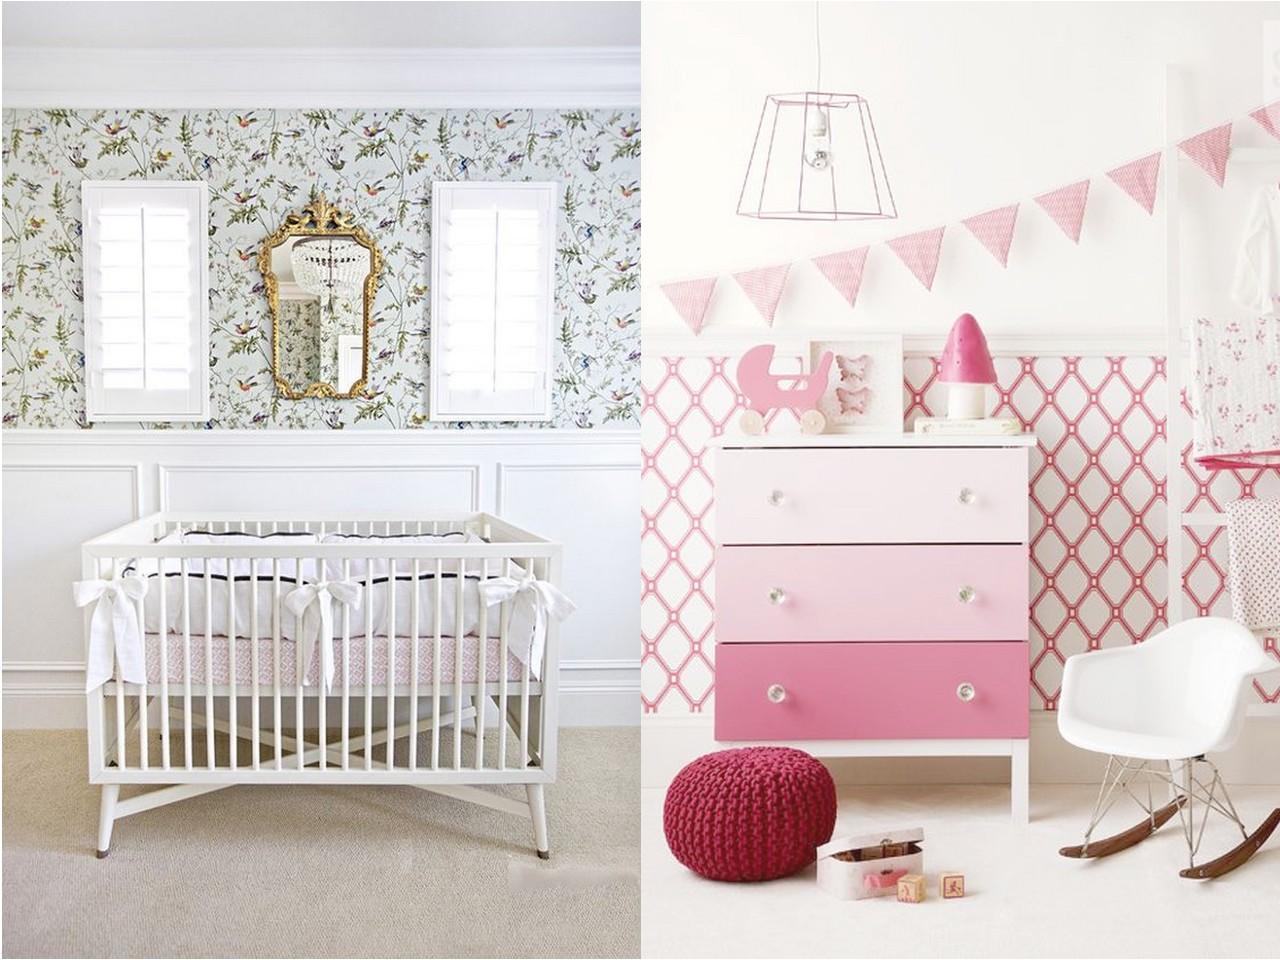 La decoraci n con molduras en casa vuelve a ser tendencia - Que cuadros poner en el dormitorio ...